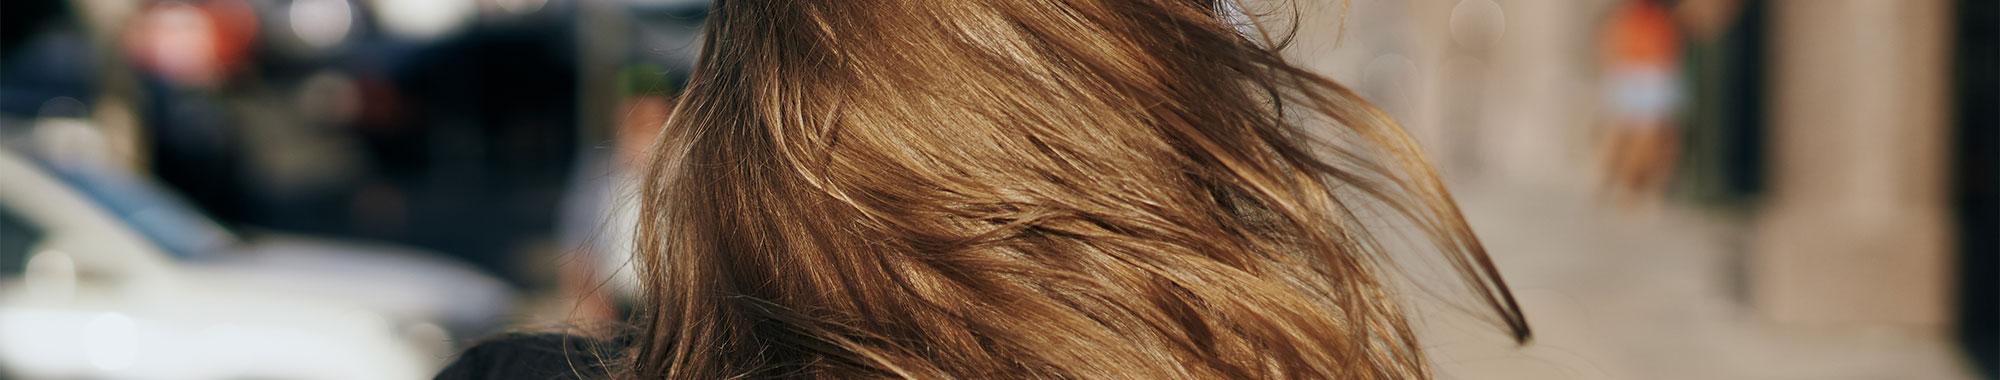 Haartransplantatie bij vrouwen - Haarkliniek de Kroon